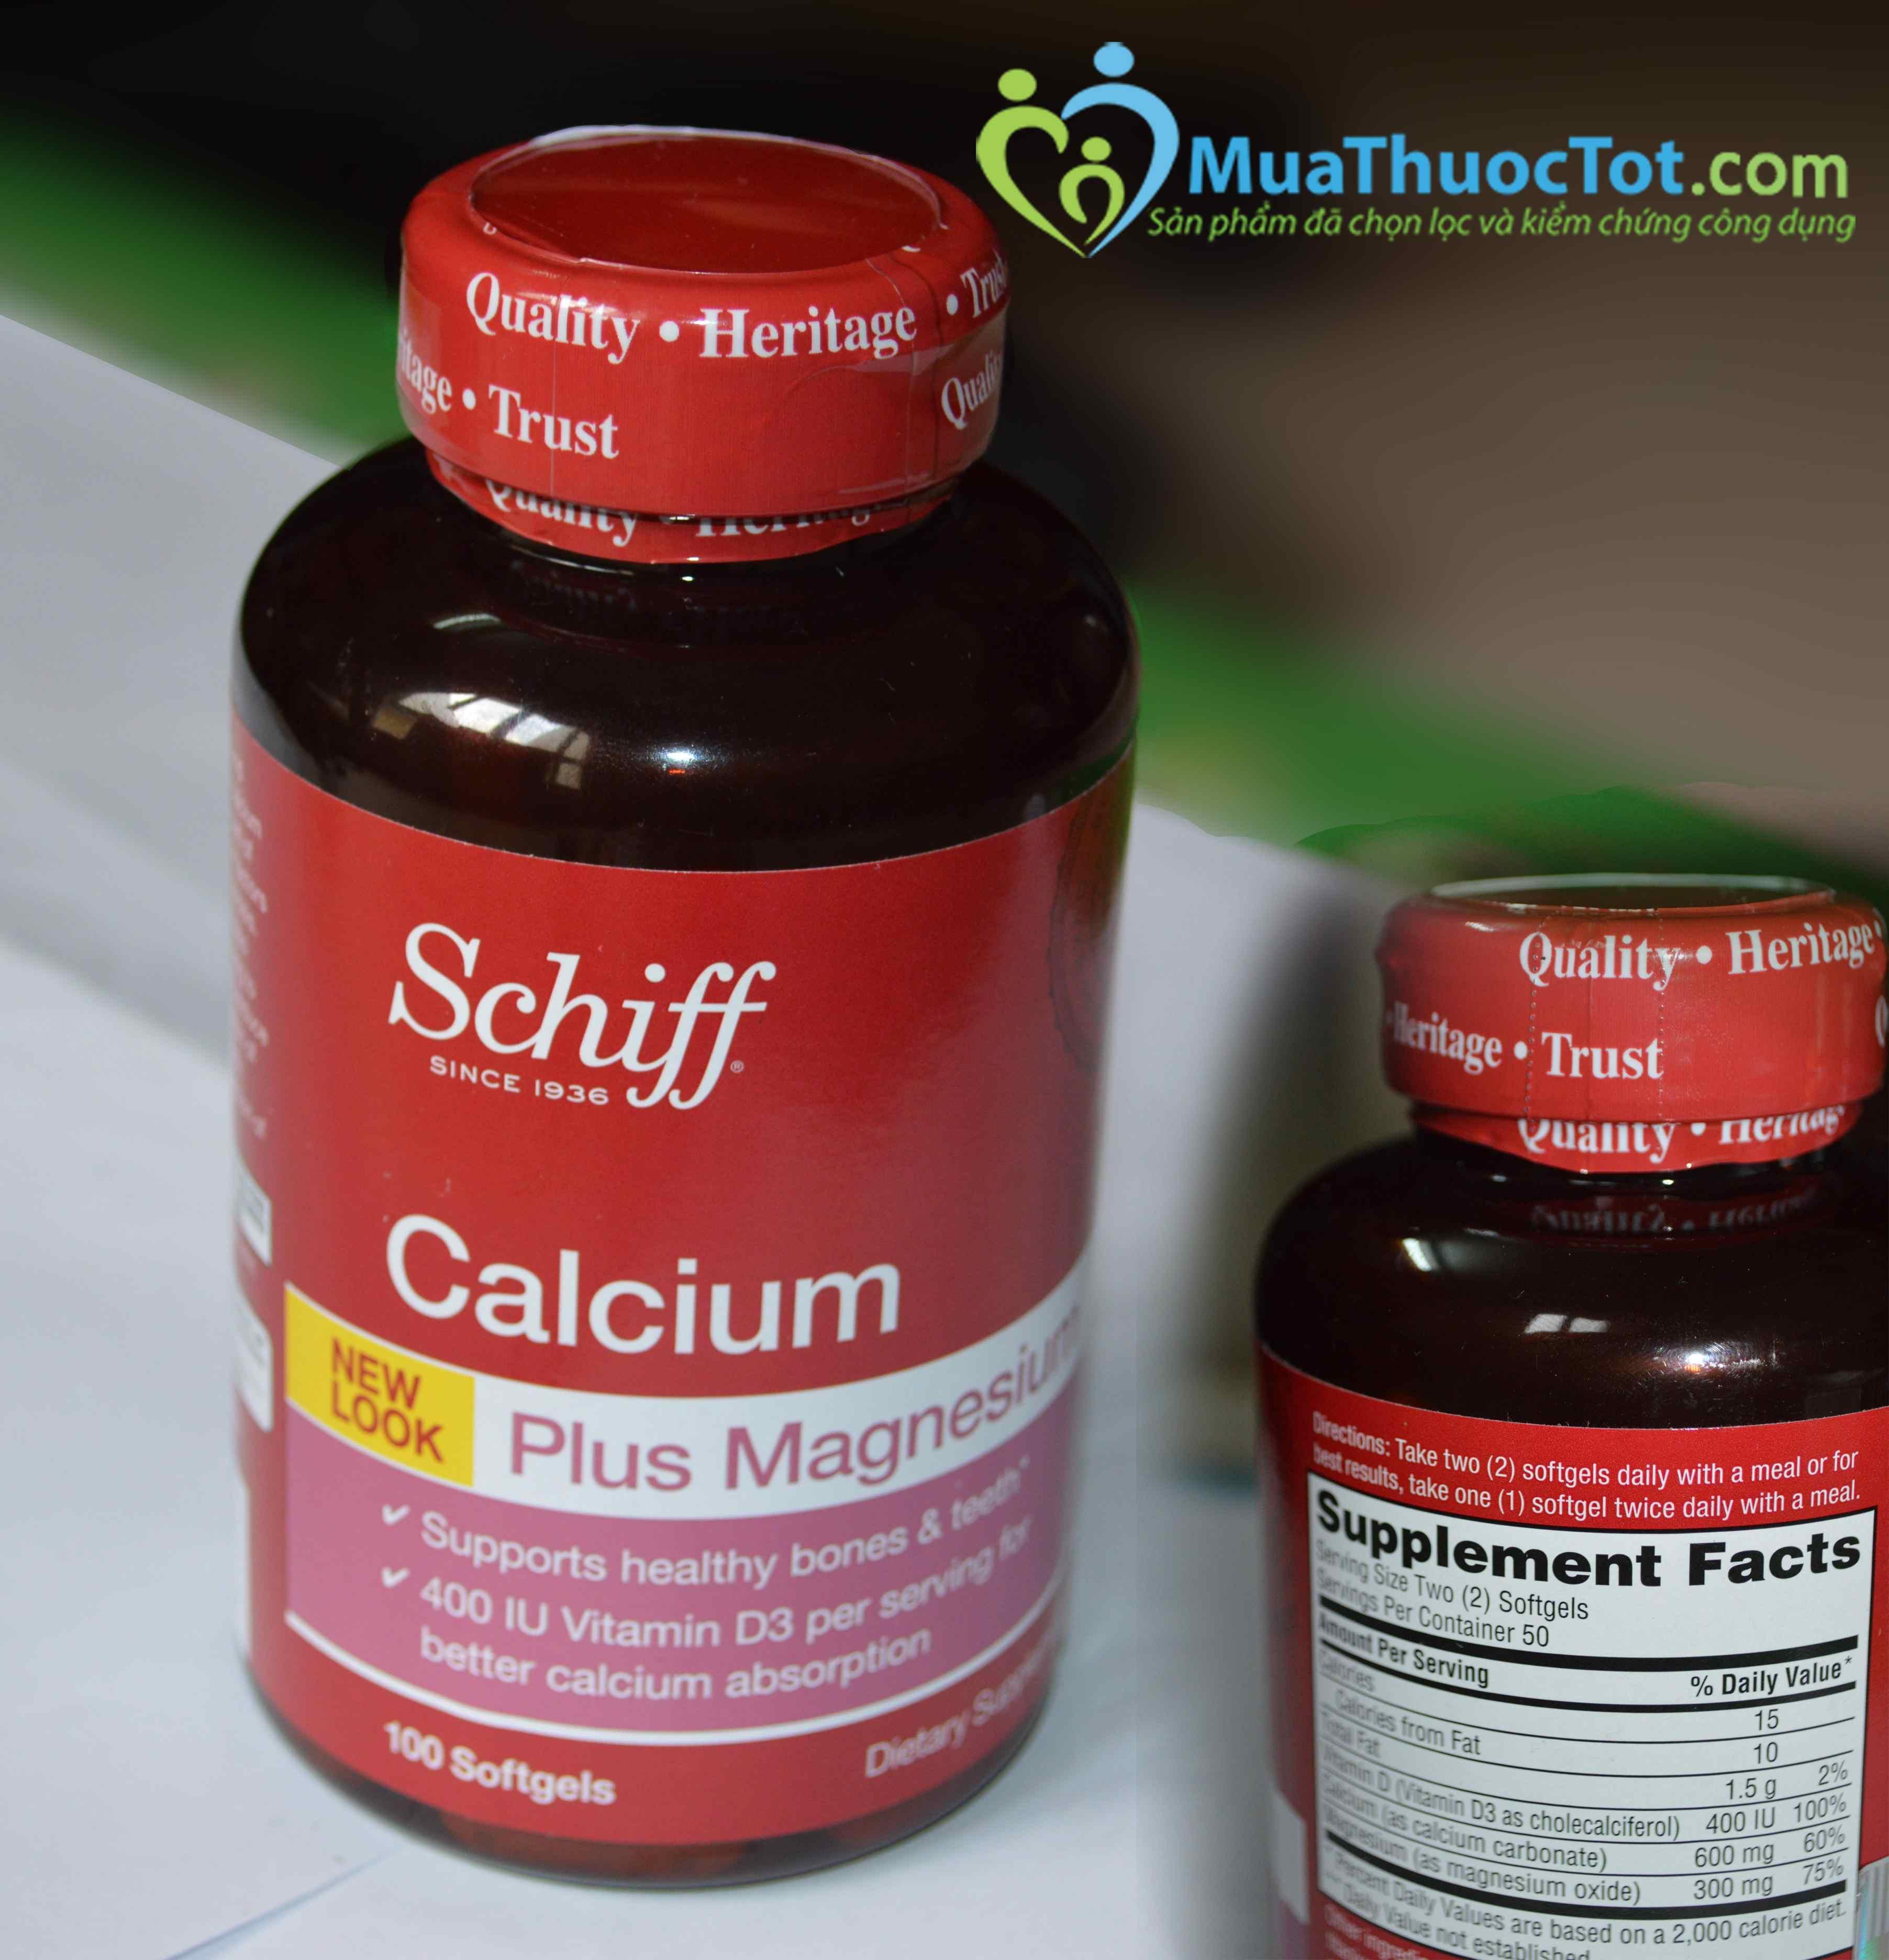 Schiff Calcium Mangesium